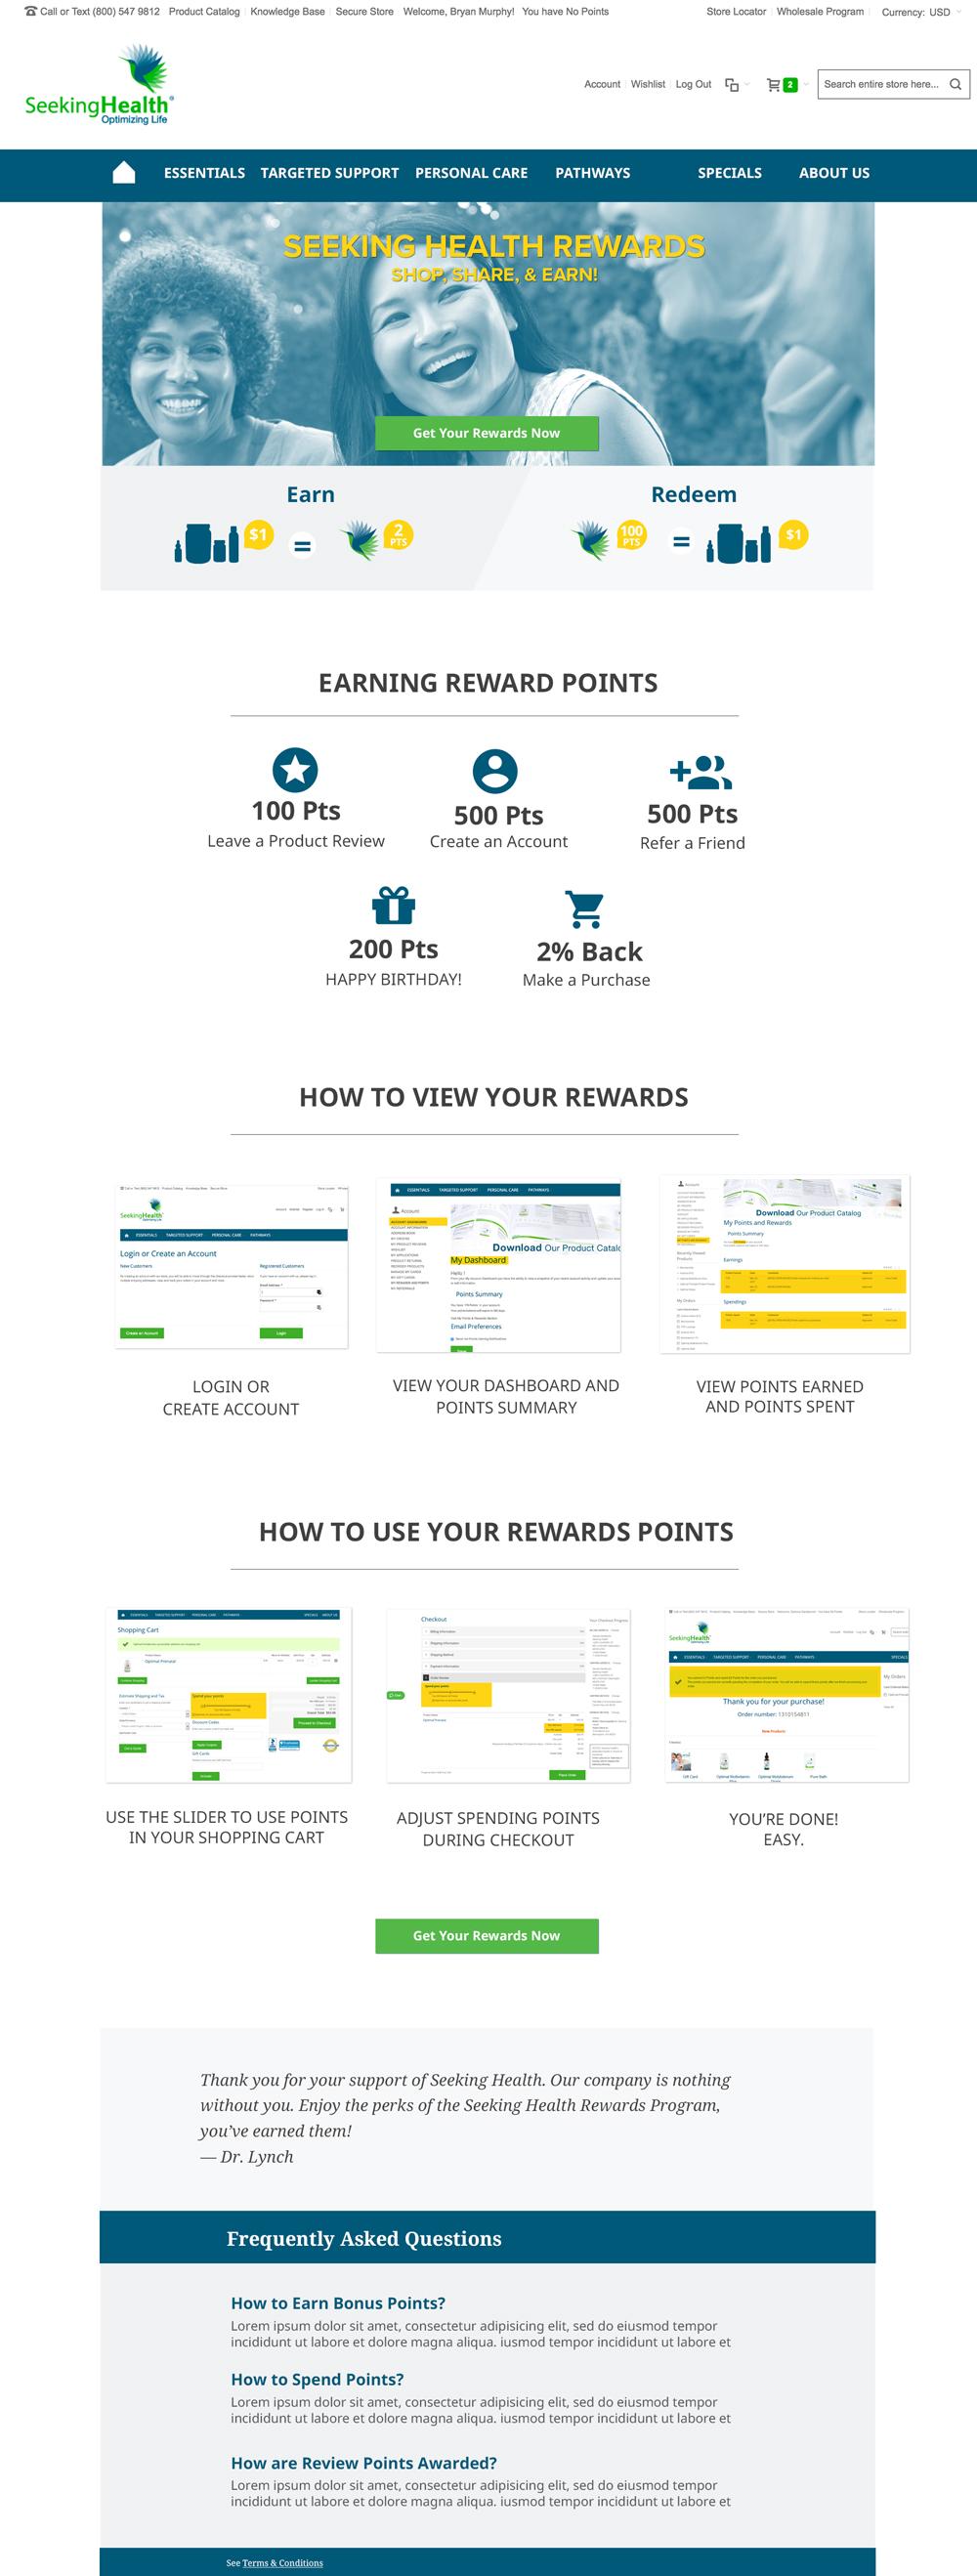 Marketing-Rewards-Landing-Page